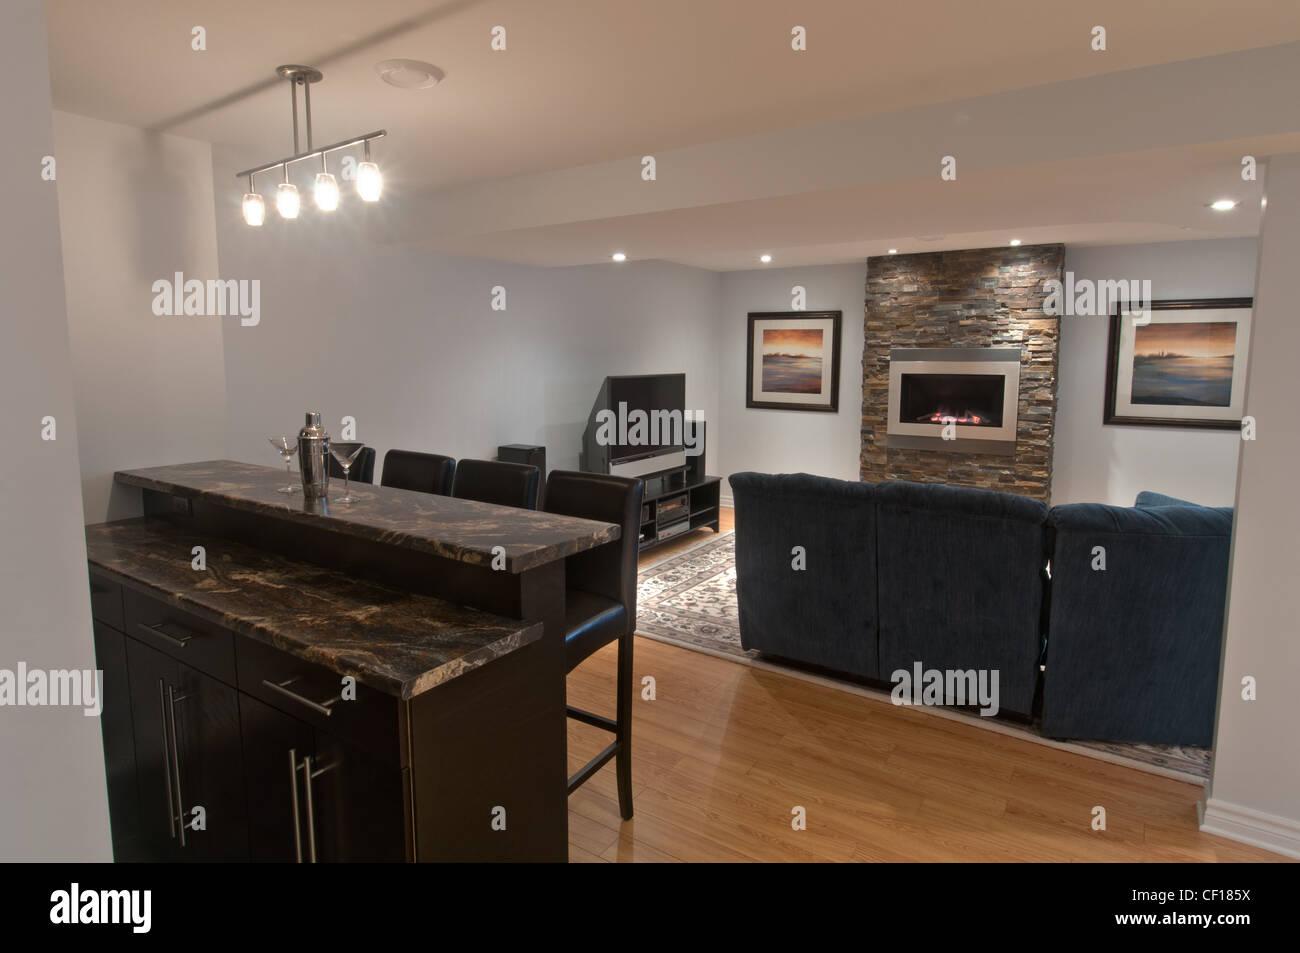 Luxus keller wohnzimmer mit kamin und bar stockfoto bild 43668966 alamy - Bar im wohnzimmer ...